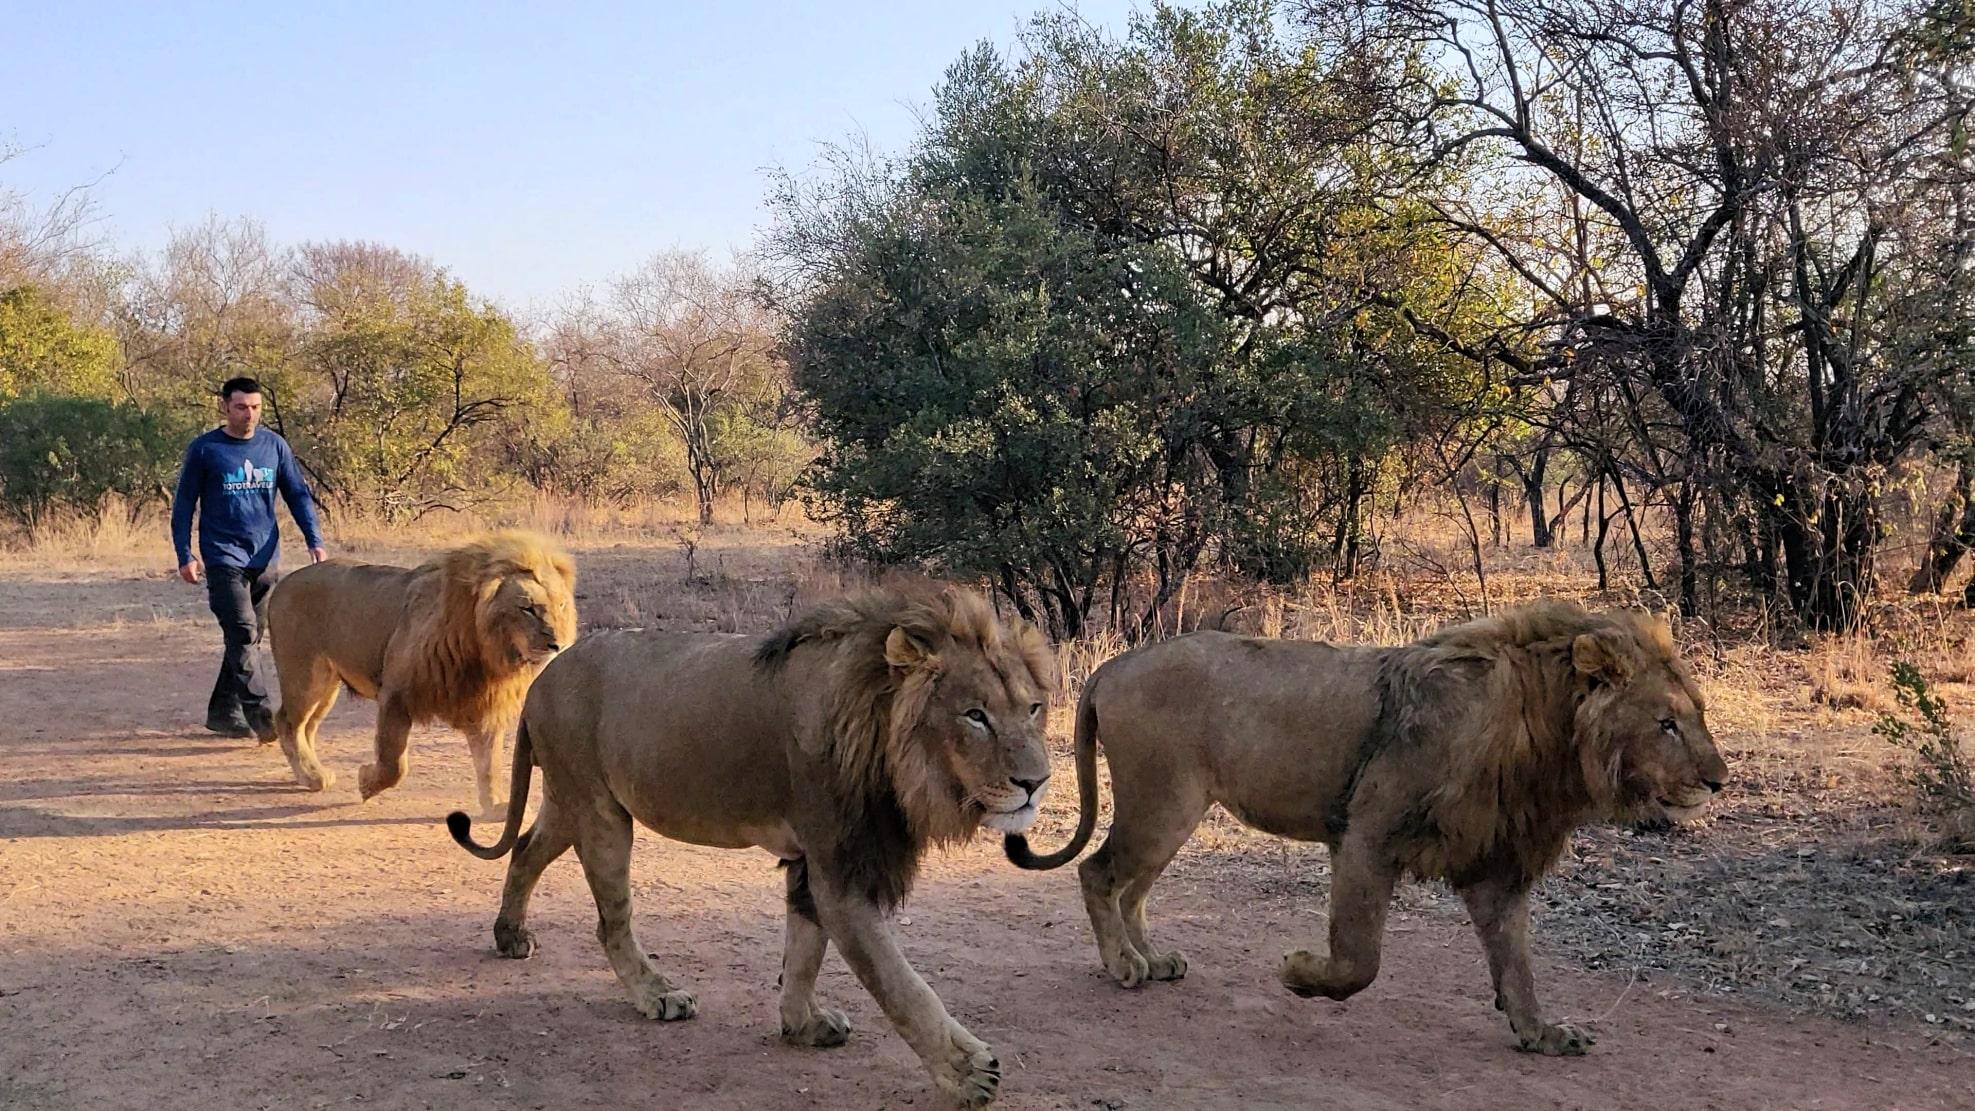 passeggiare con i leoni(2)